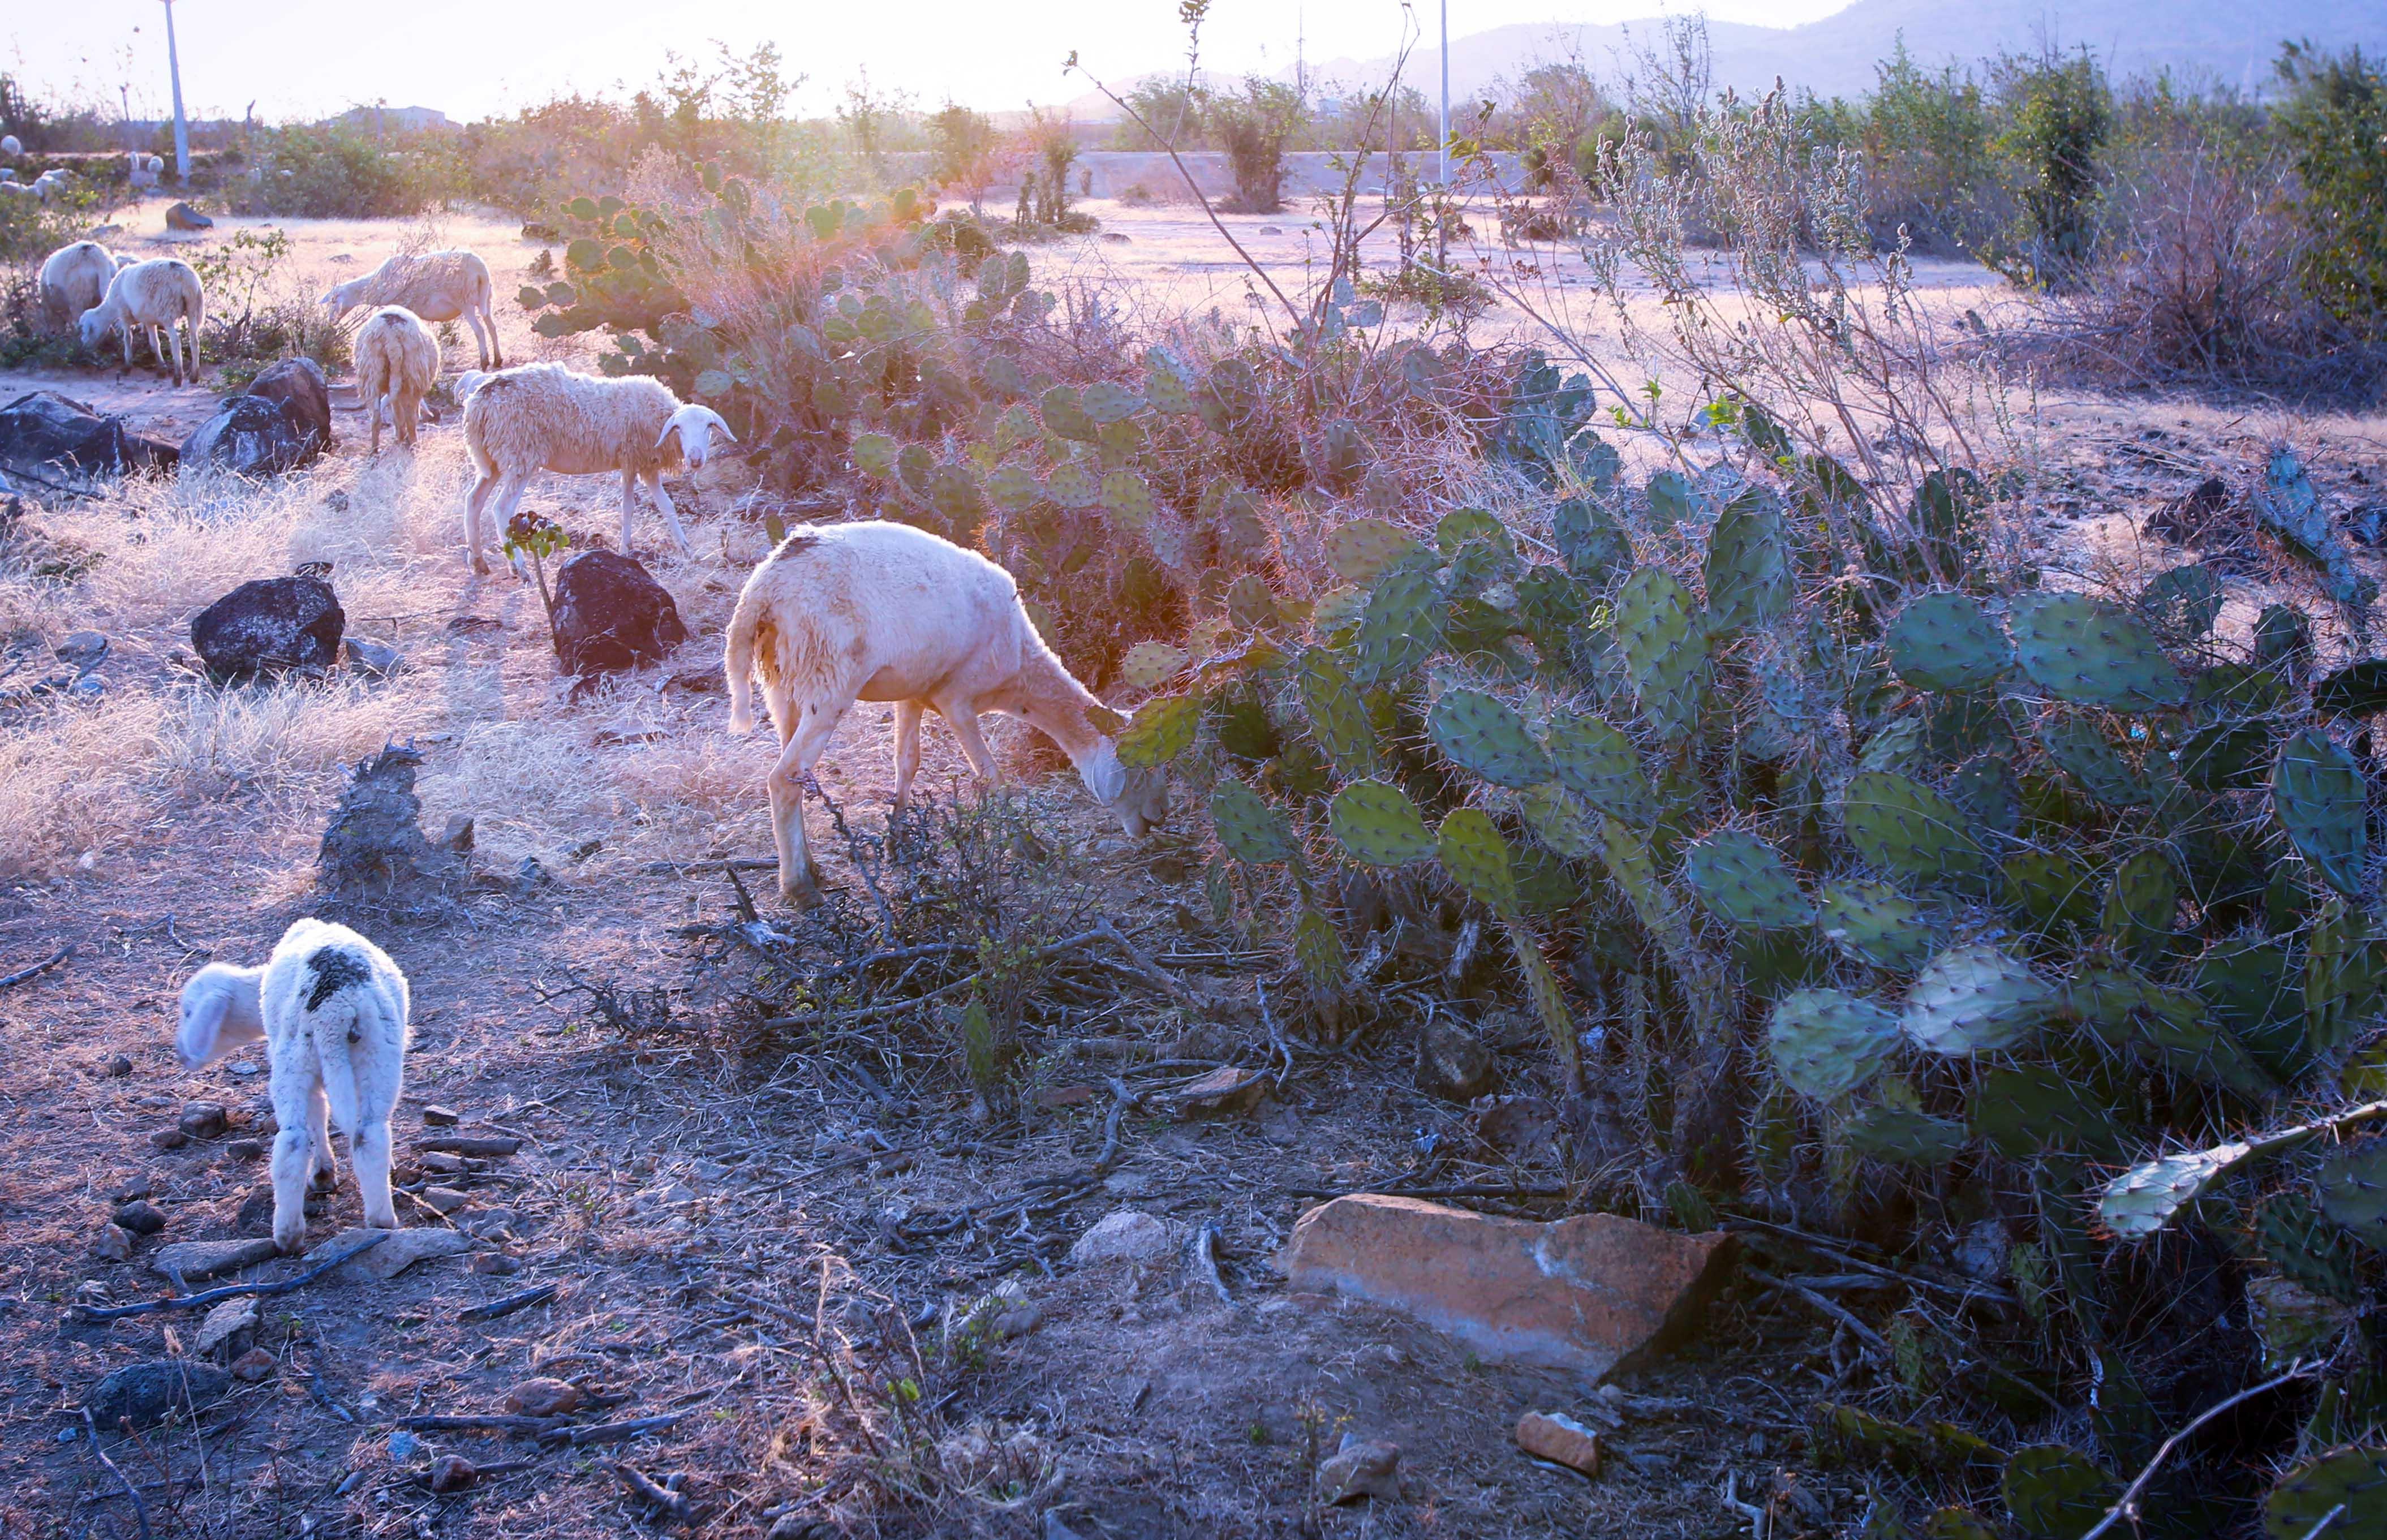 Với khí hậu khô hạn, xương rồng trở thành một loại thực phẩm dự trữ quý giá cho gia súc như cừu ở An Hòa, khi đốt hết gai nhọn.